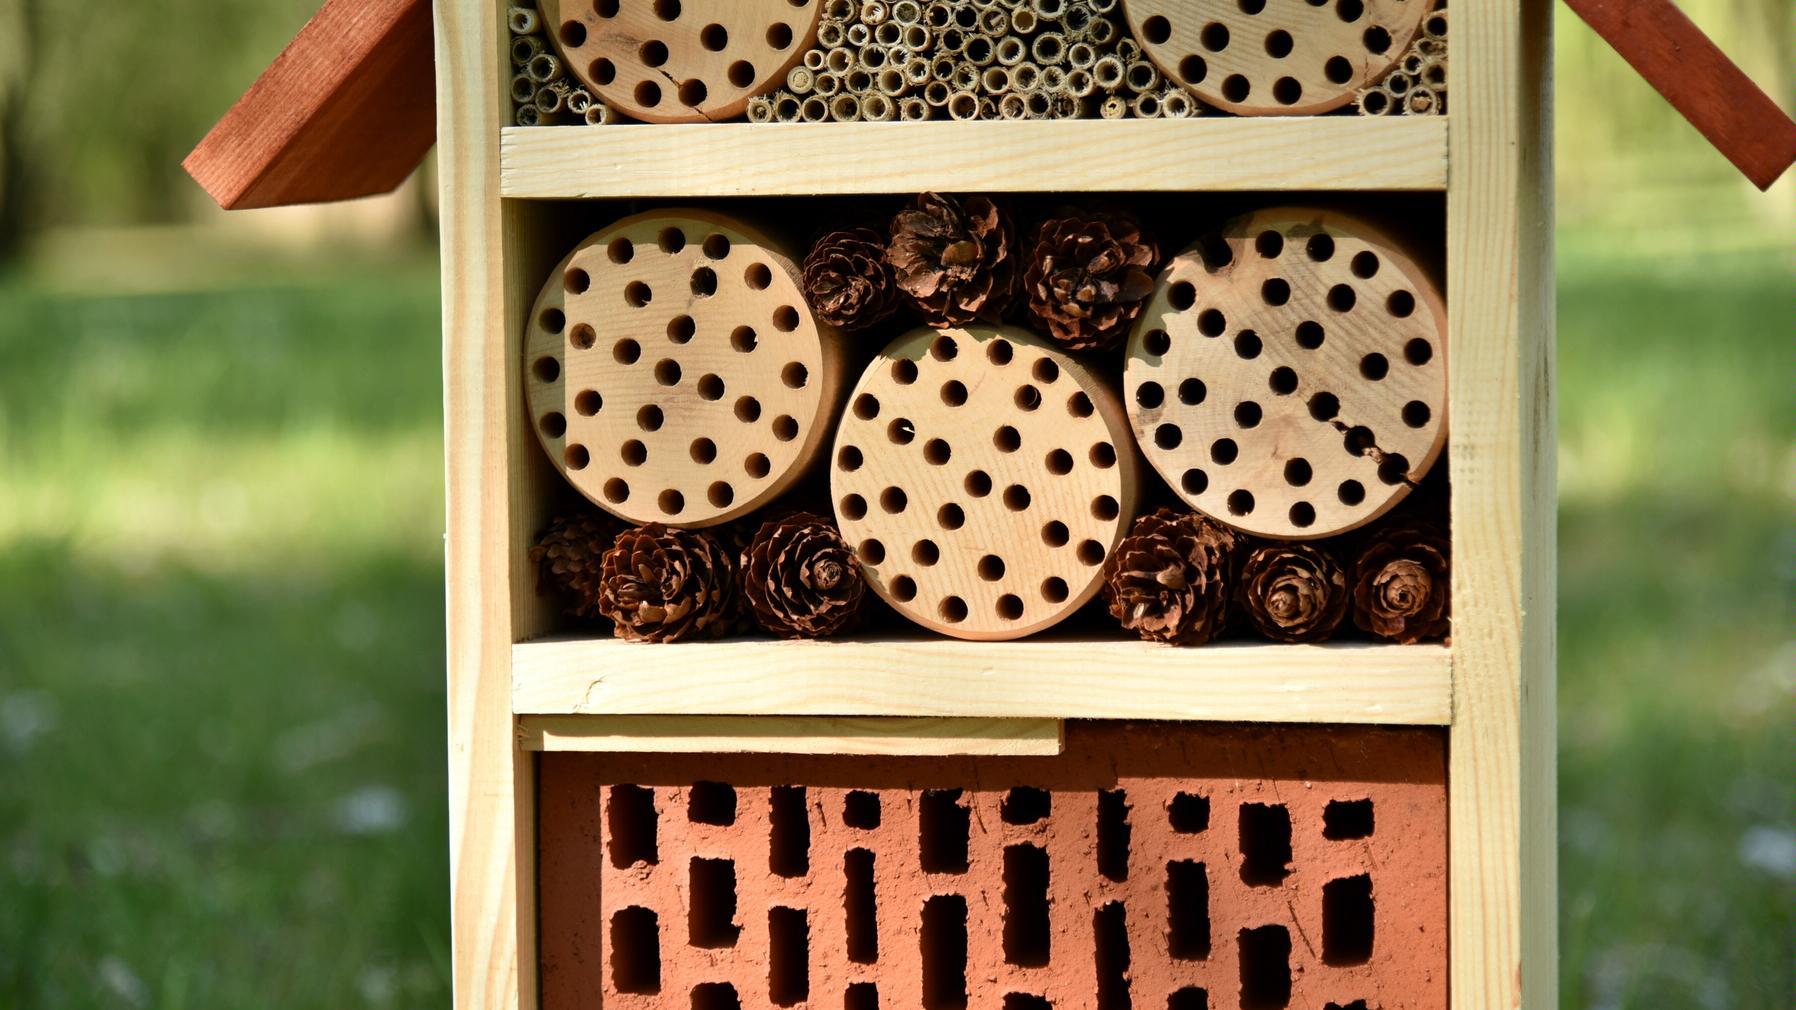 domków dla owadów